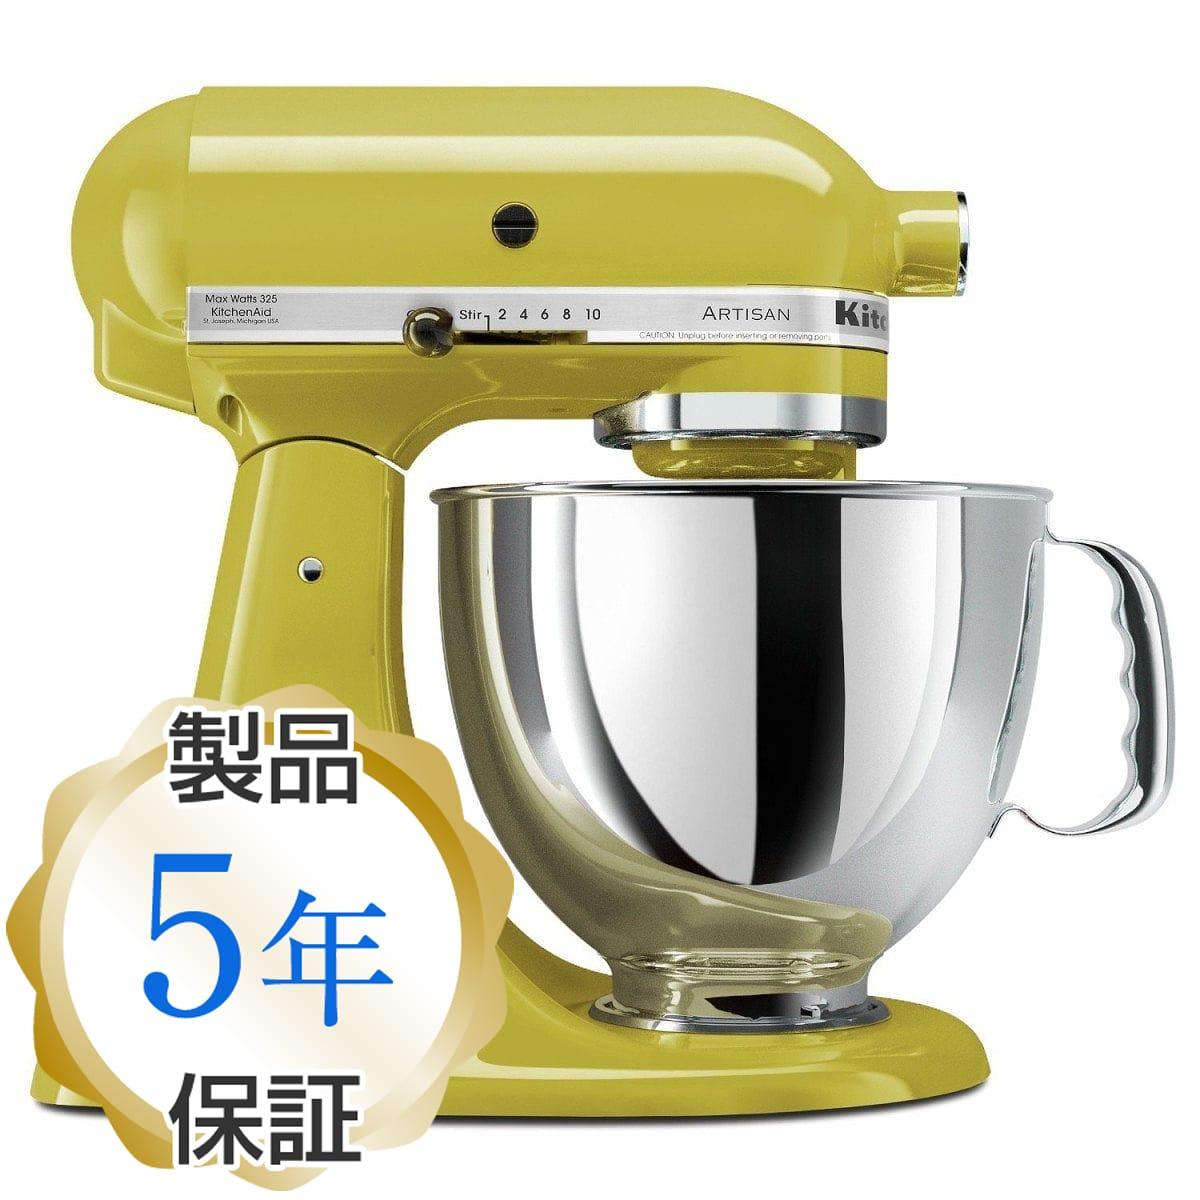 キッチンエイド スタンドミキサー アルチザン 4.8L ペアー 洋ナシ グリーンKitchenAid Artisan 5-Quart Stand Mixers KSM150PSPE Pear 【日本語説明書付】 家電